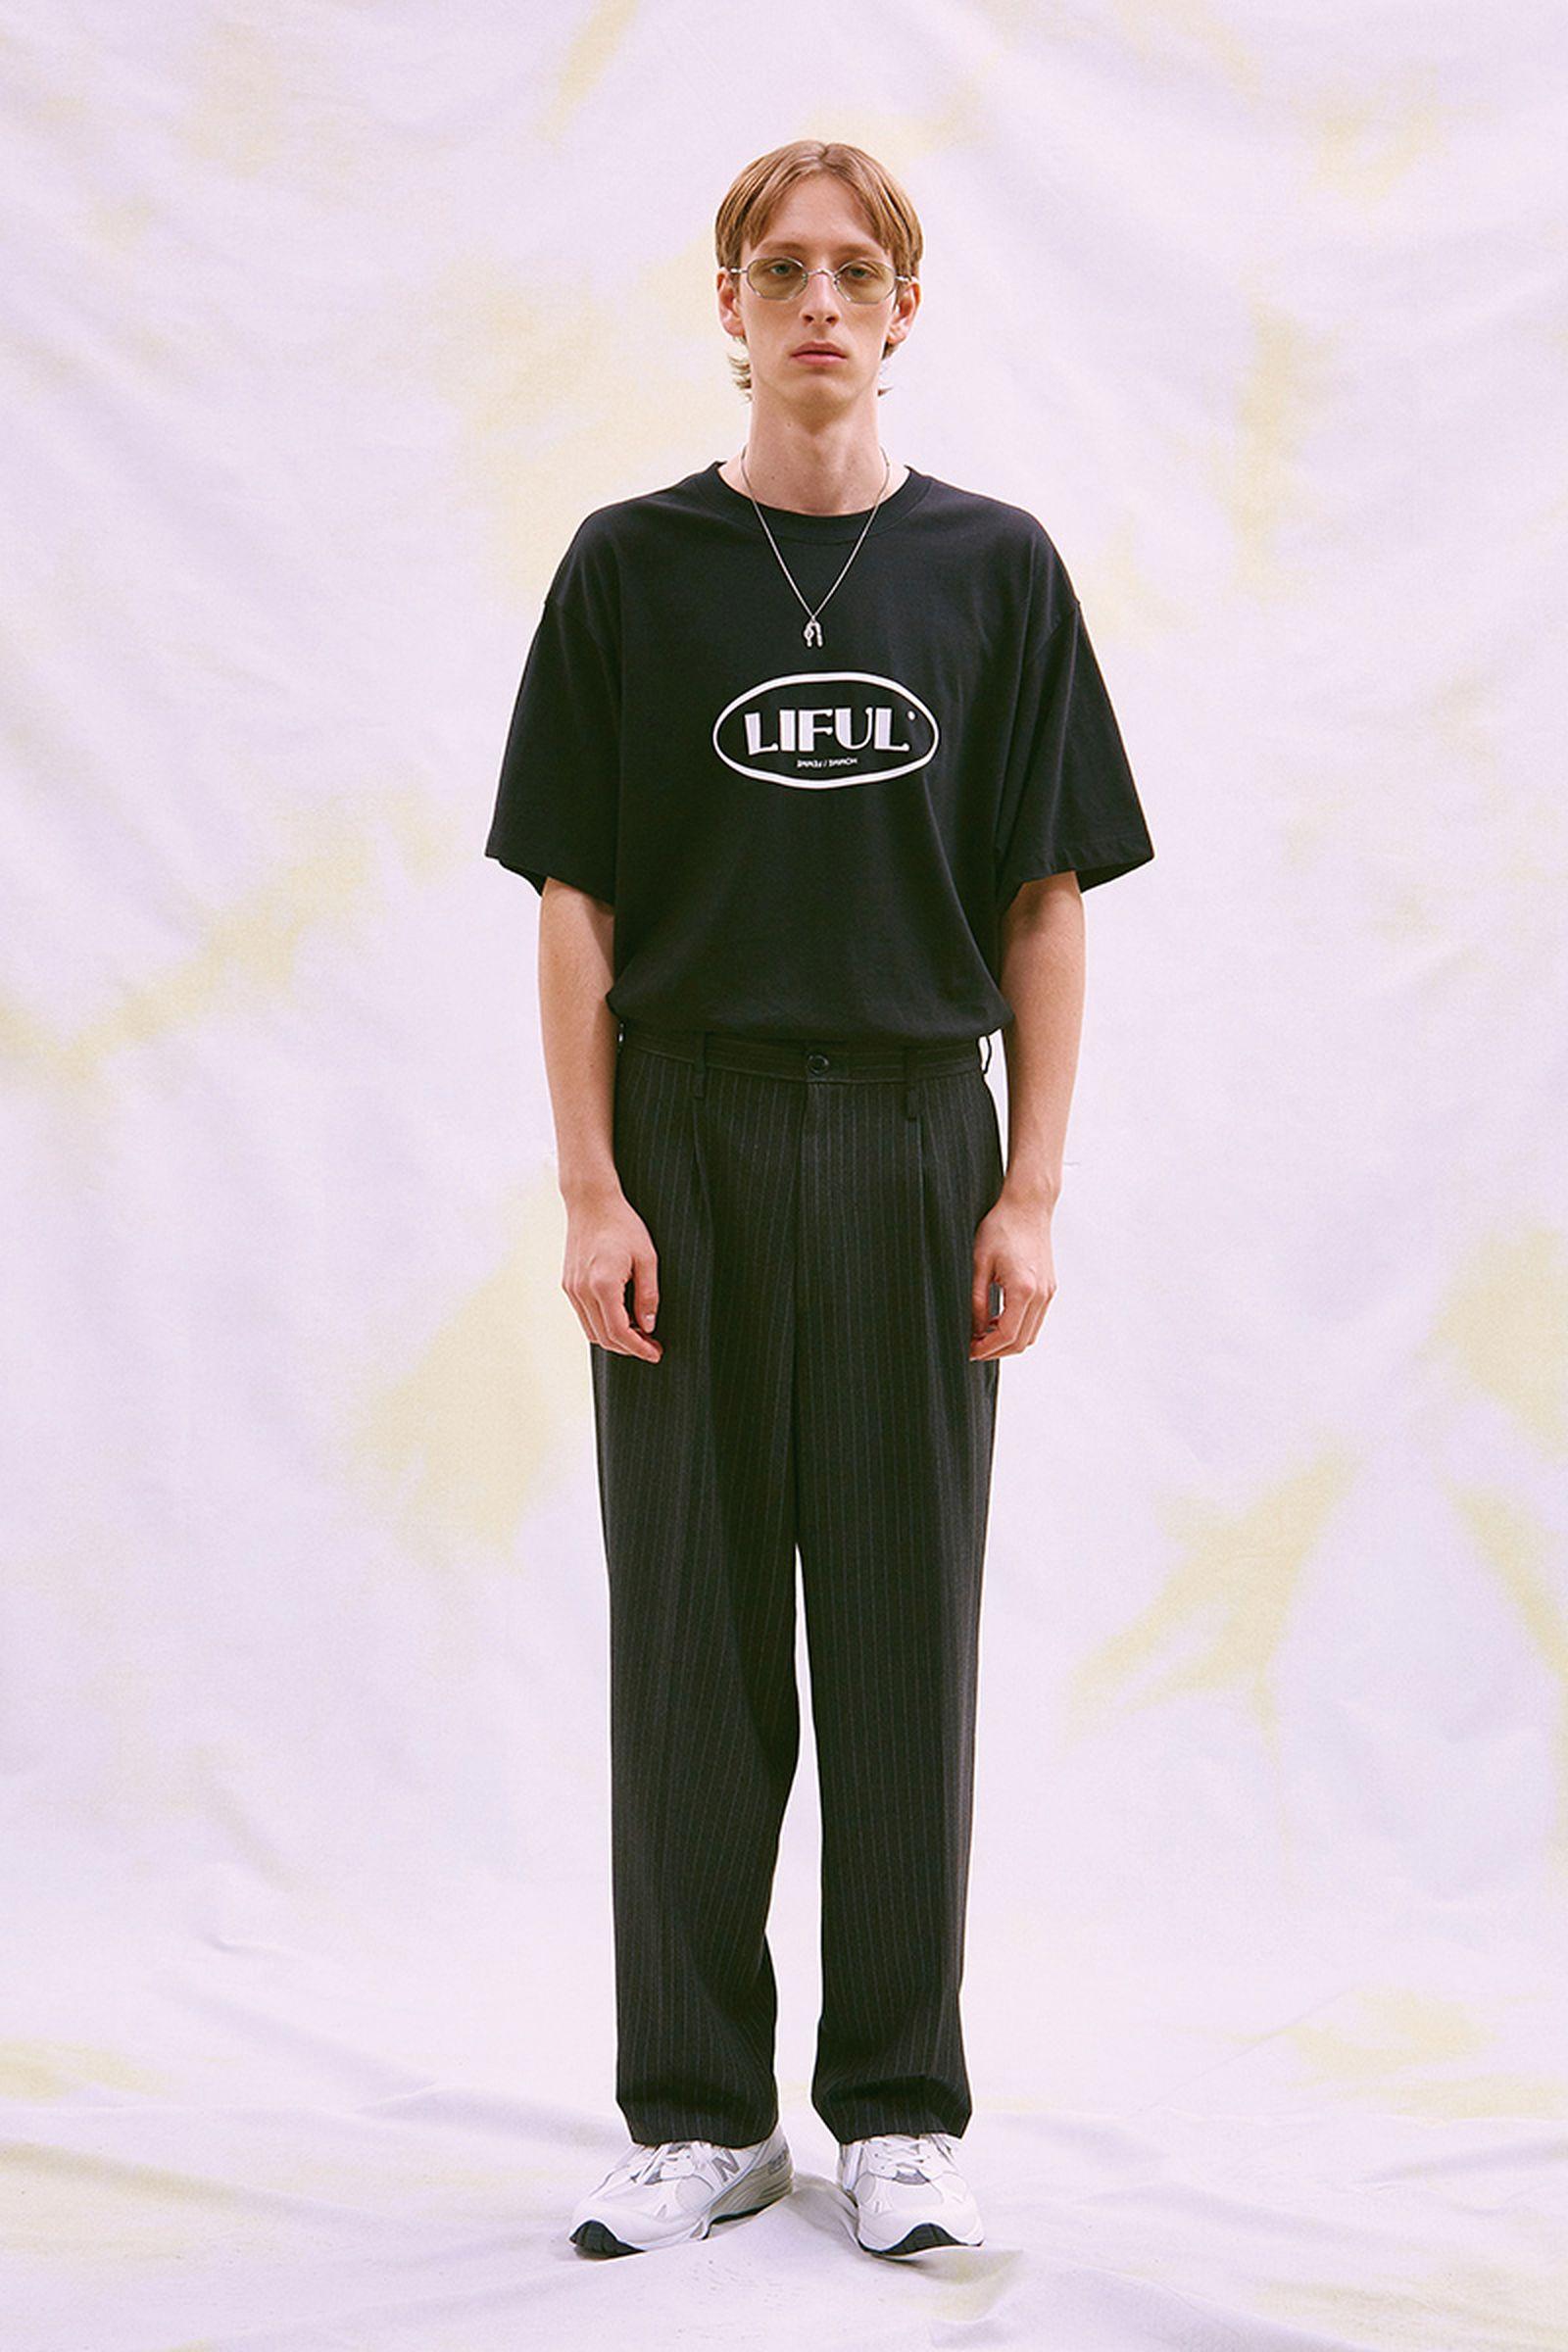 11liful minimal garments ss19 lookbook